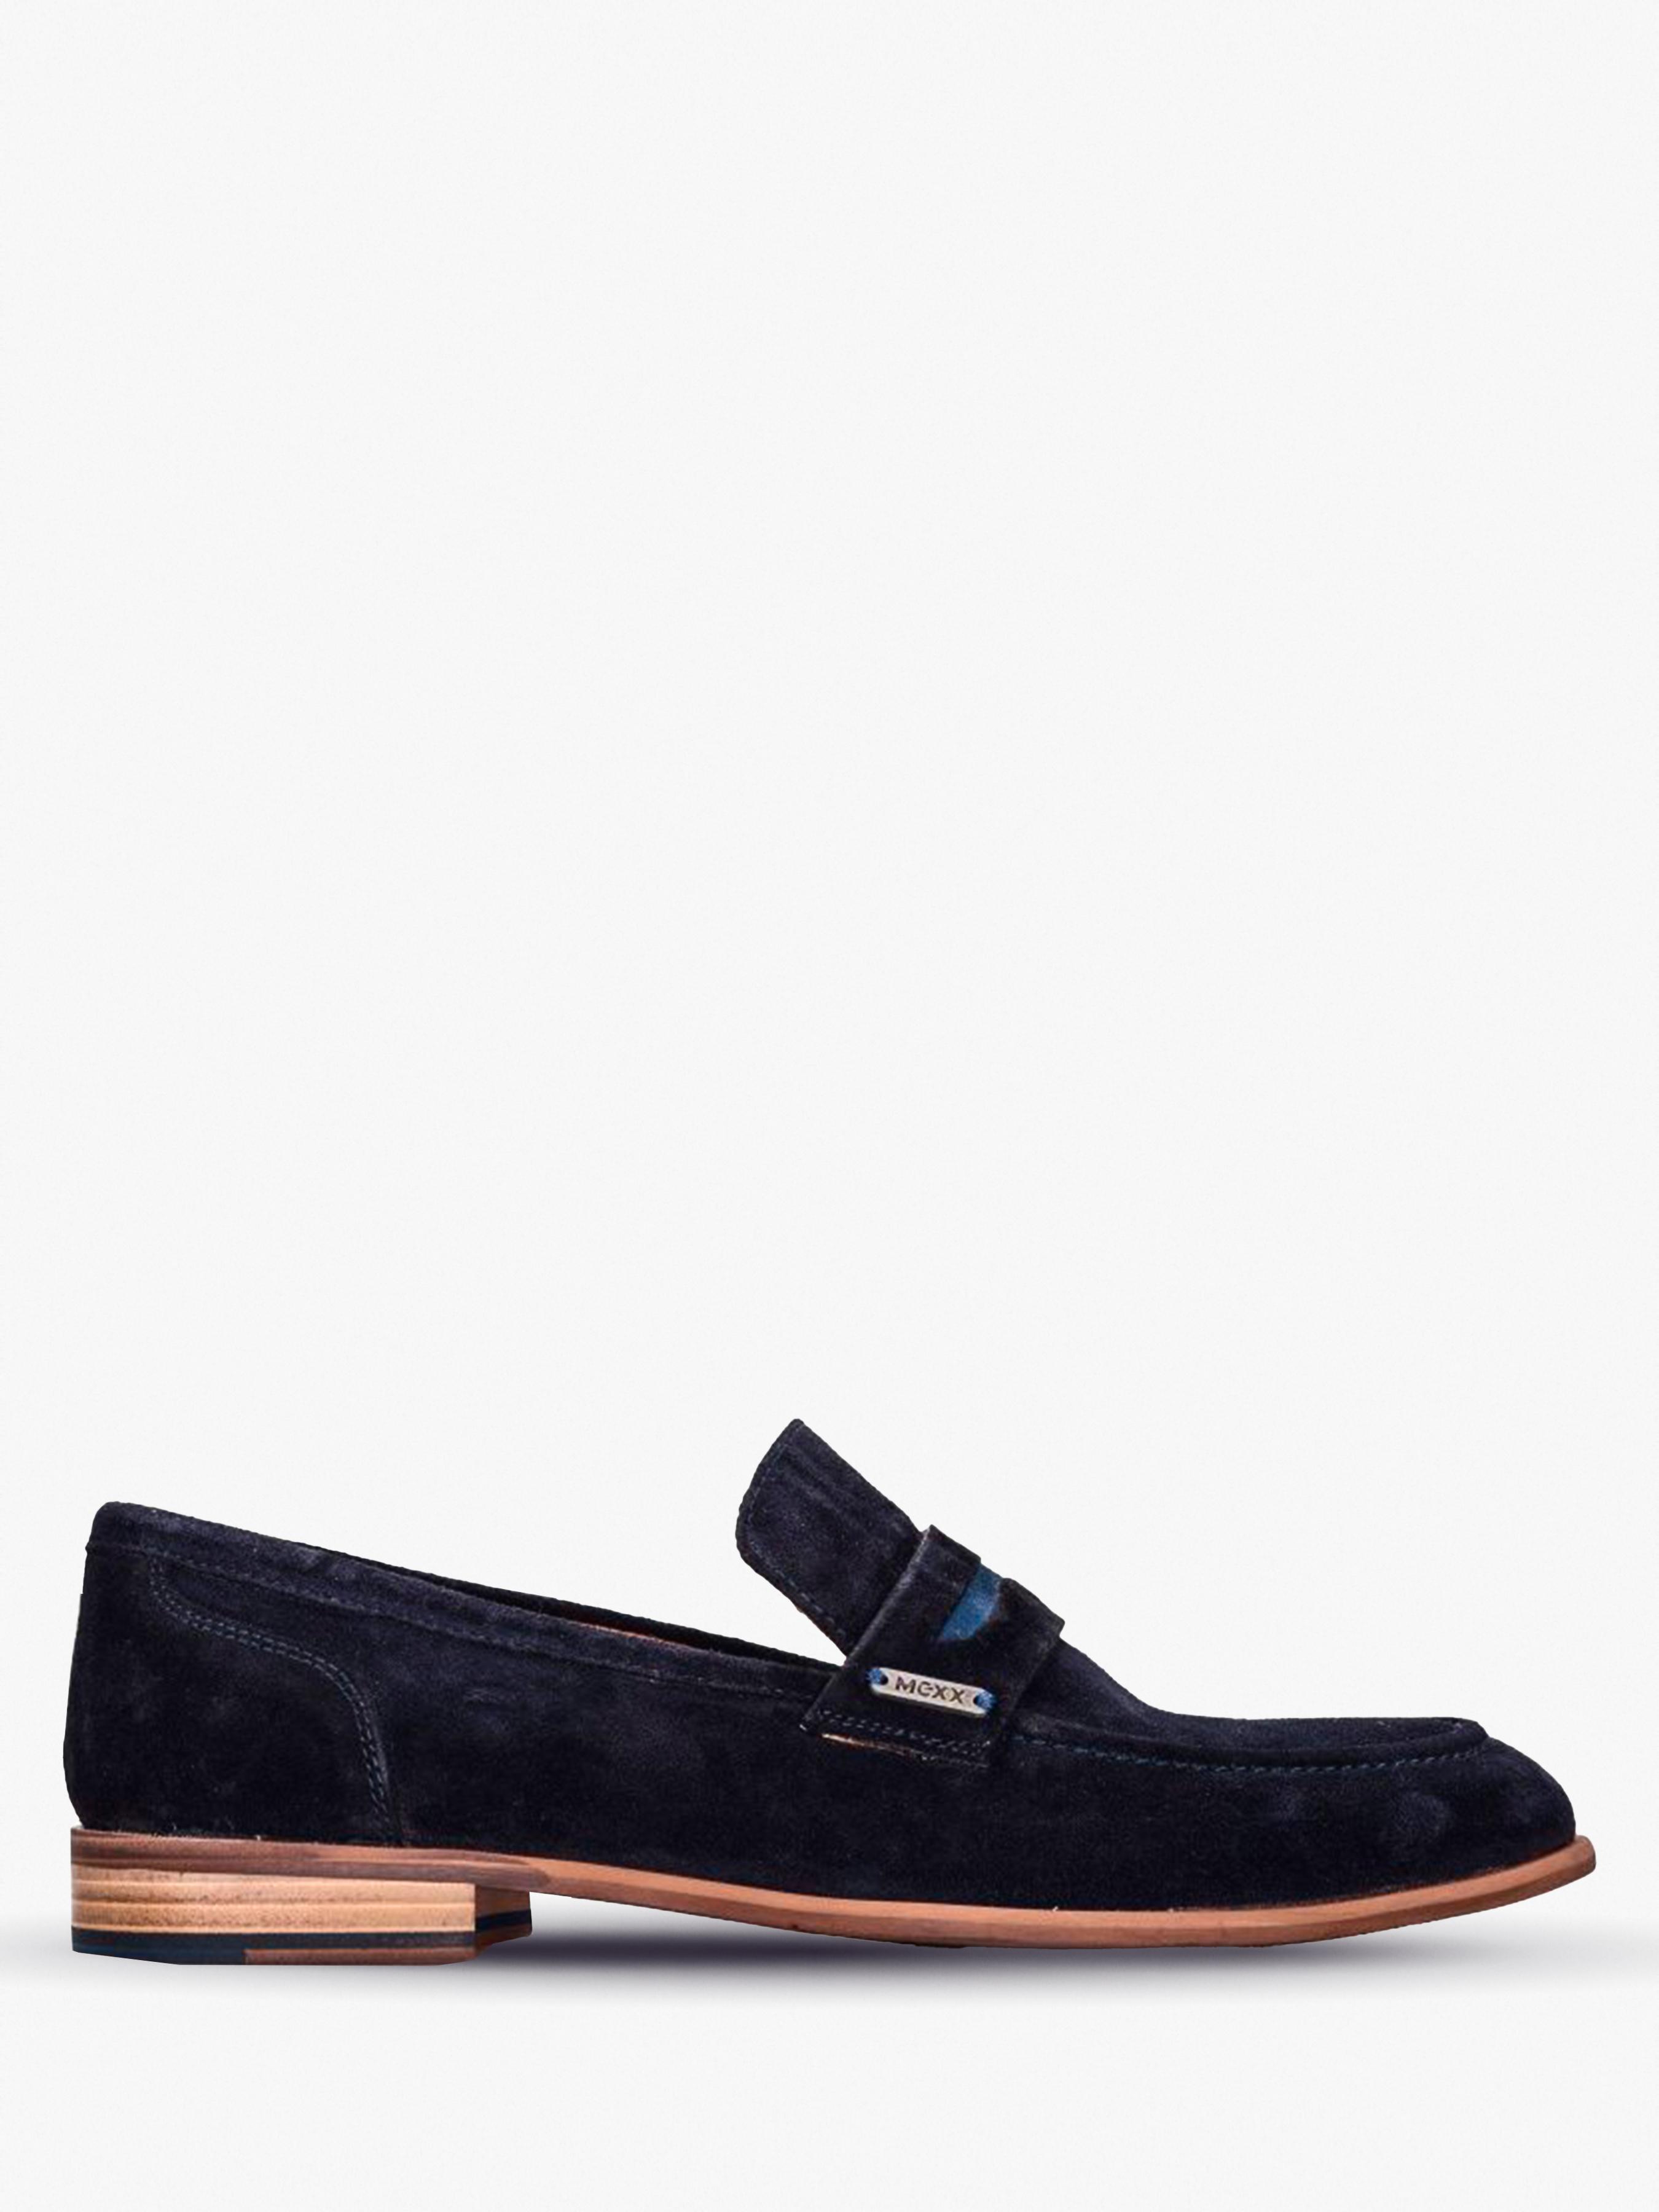 Туфли для мужчин MEXX Cyano 7M23 брендовые, 2017